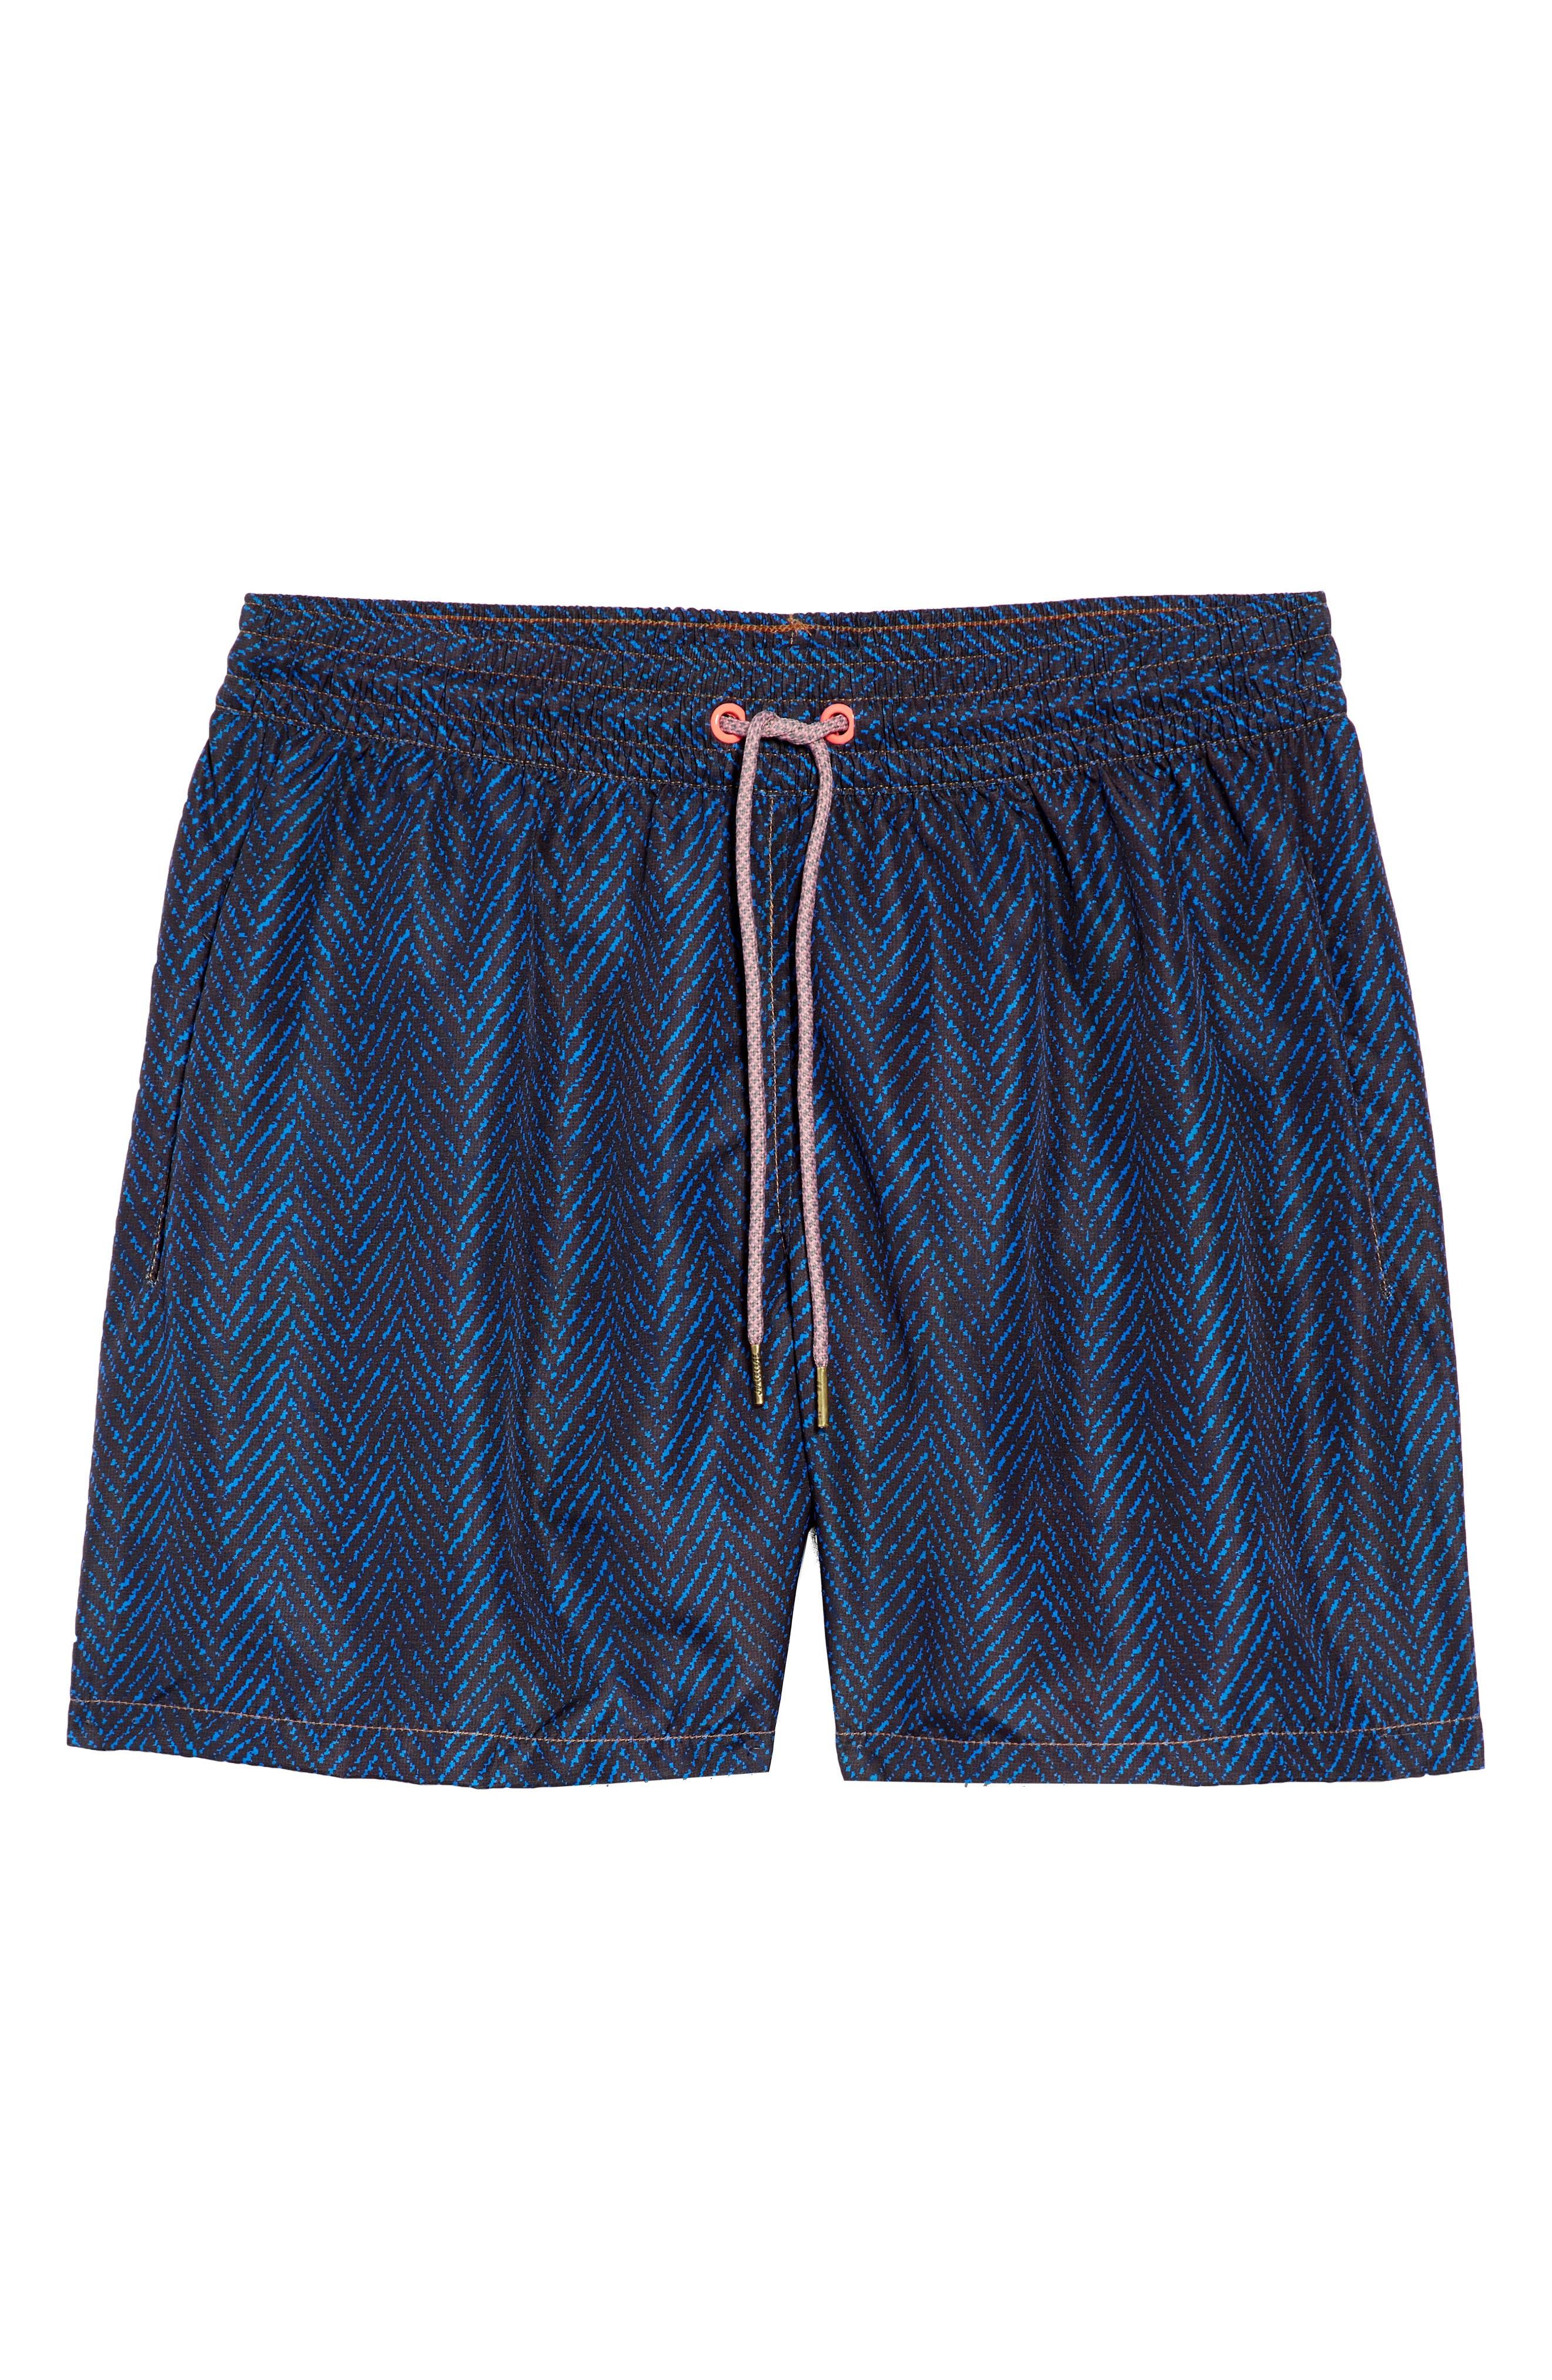 Bells Beach Swim Trunks,                             Alternate thumbnail 7, color,                             BLUE